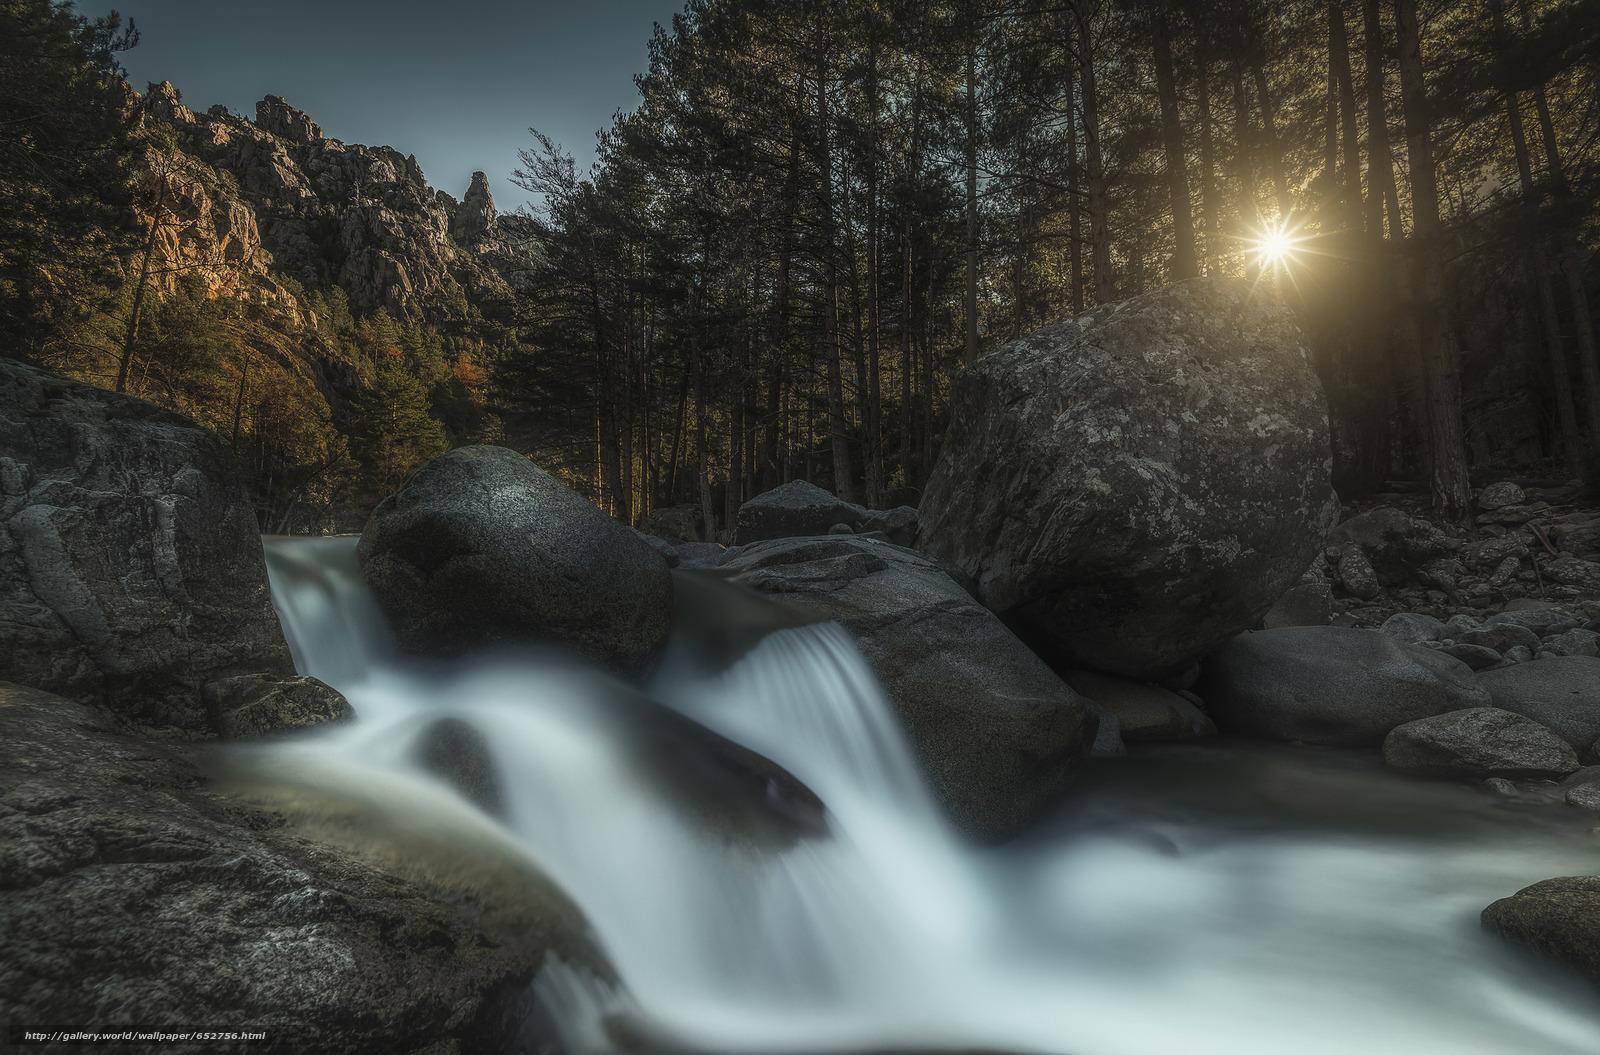 Скачать обои водопад,  лес,  камни,  солнце бесплатно для рабочего стола в разрешении 2048x1350 — картинка №652756